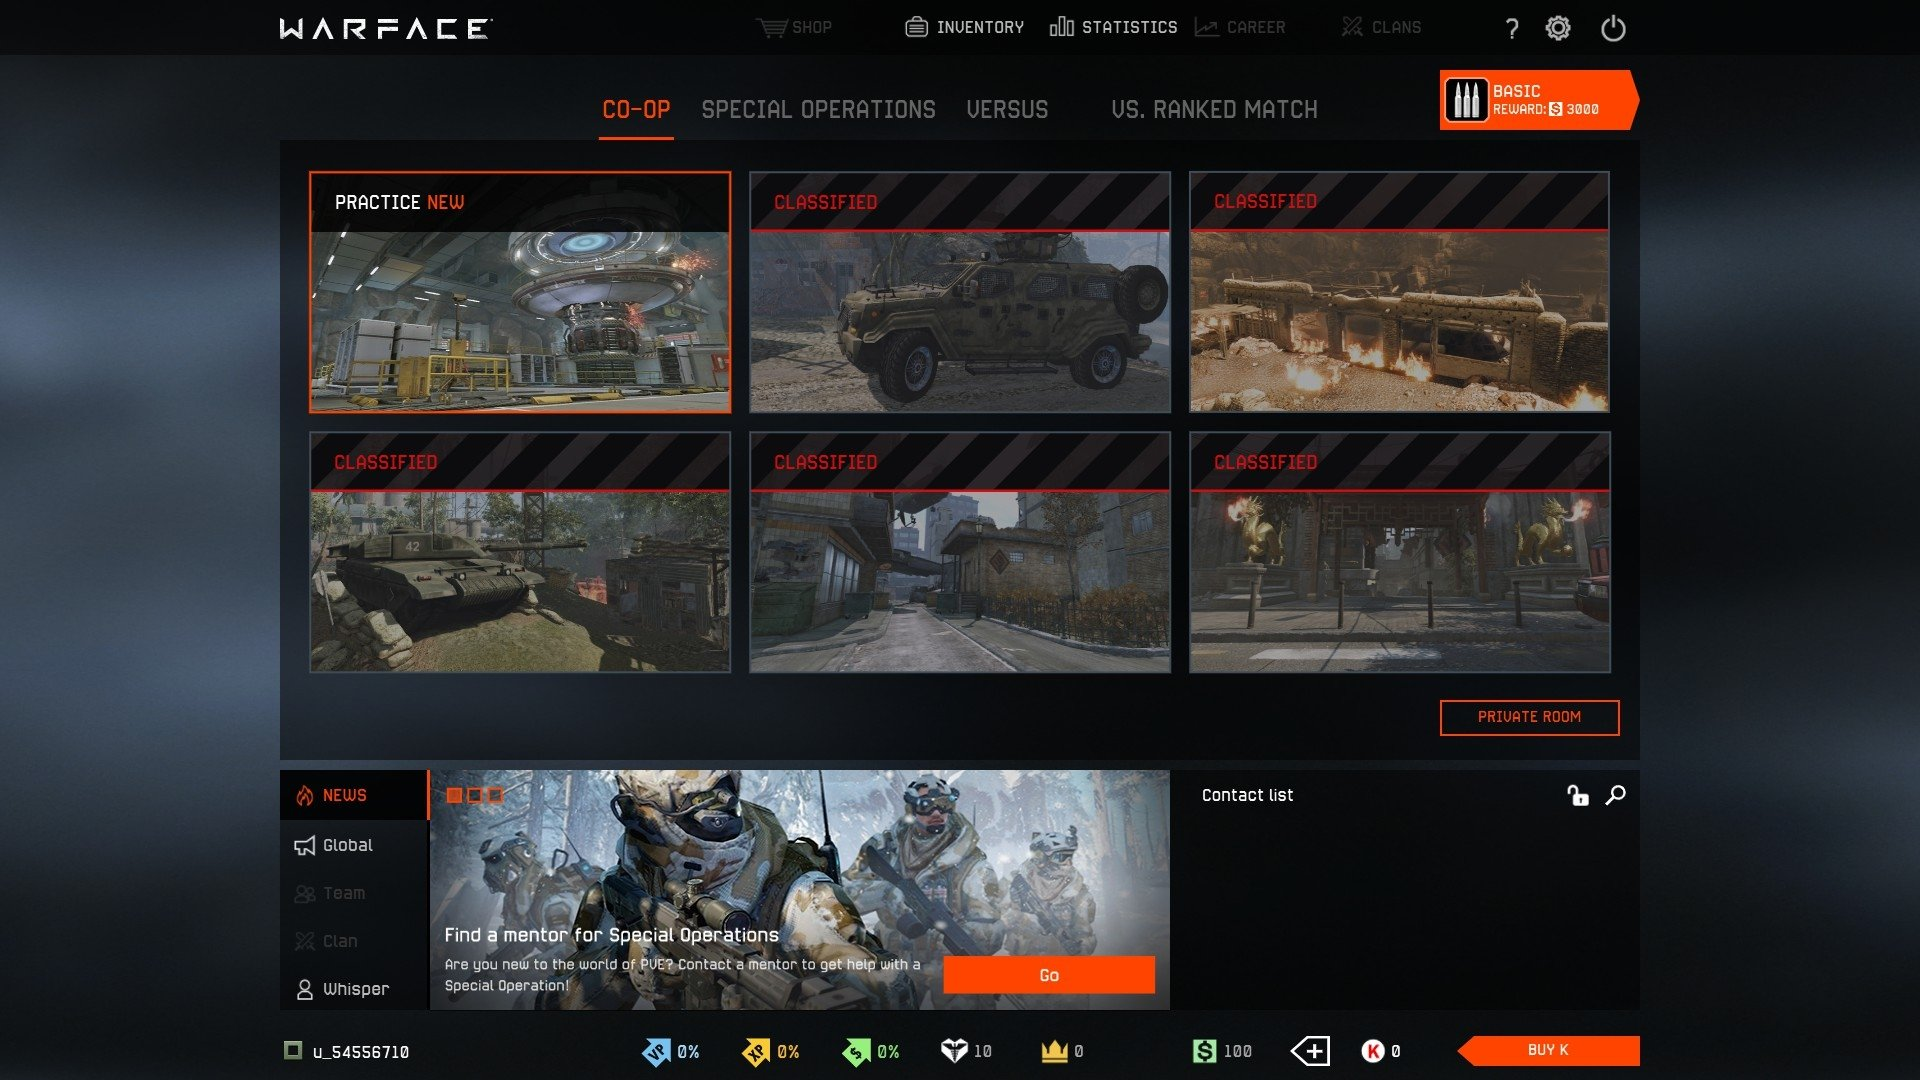 Скачать игру warface (2012) на пк через торрент бесплатно на русском.